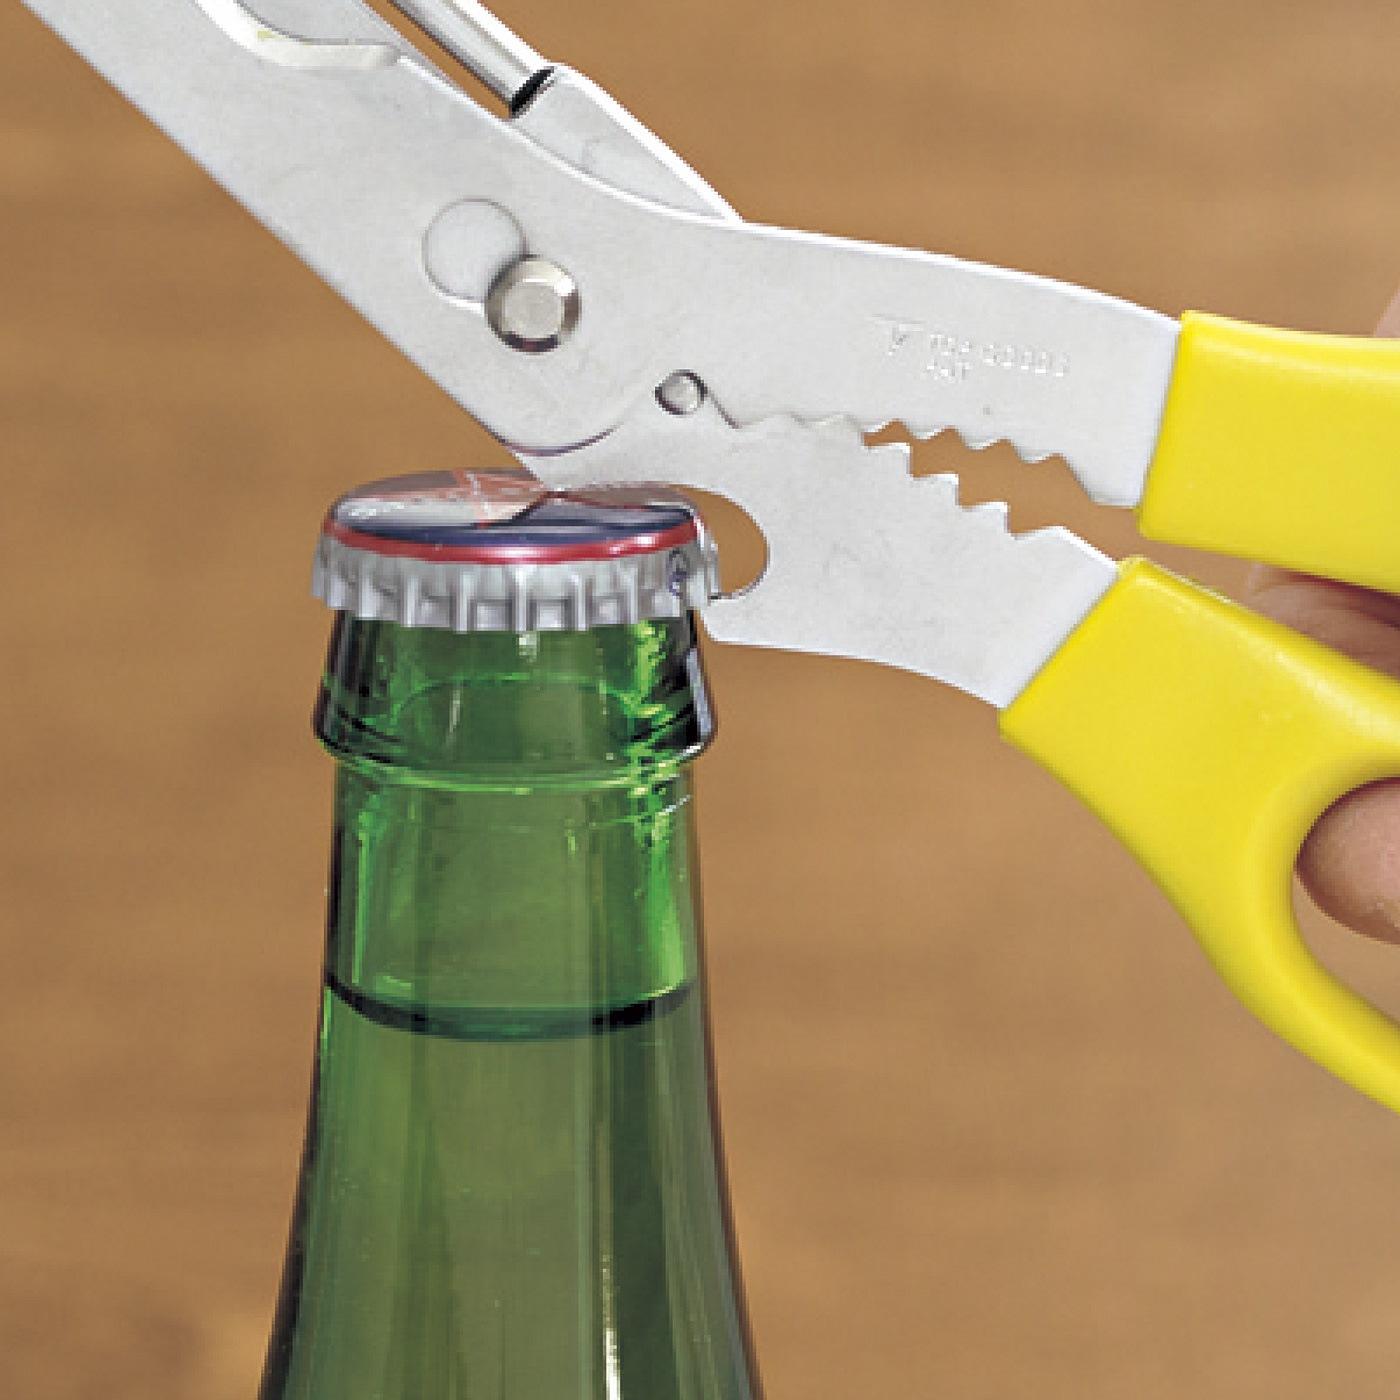 【5】ジュースなどの栓を抜く。